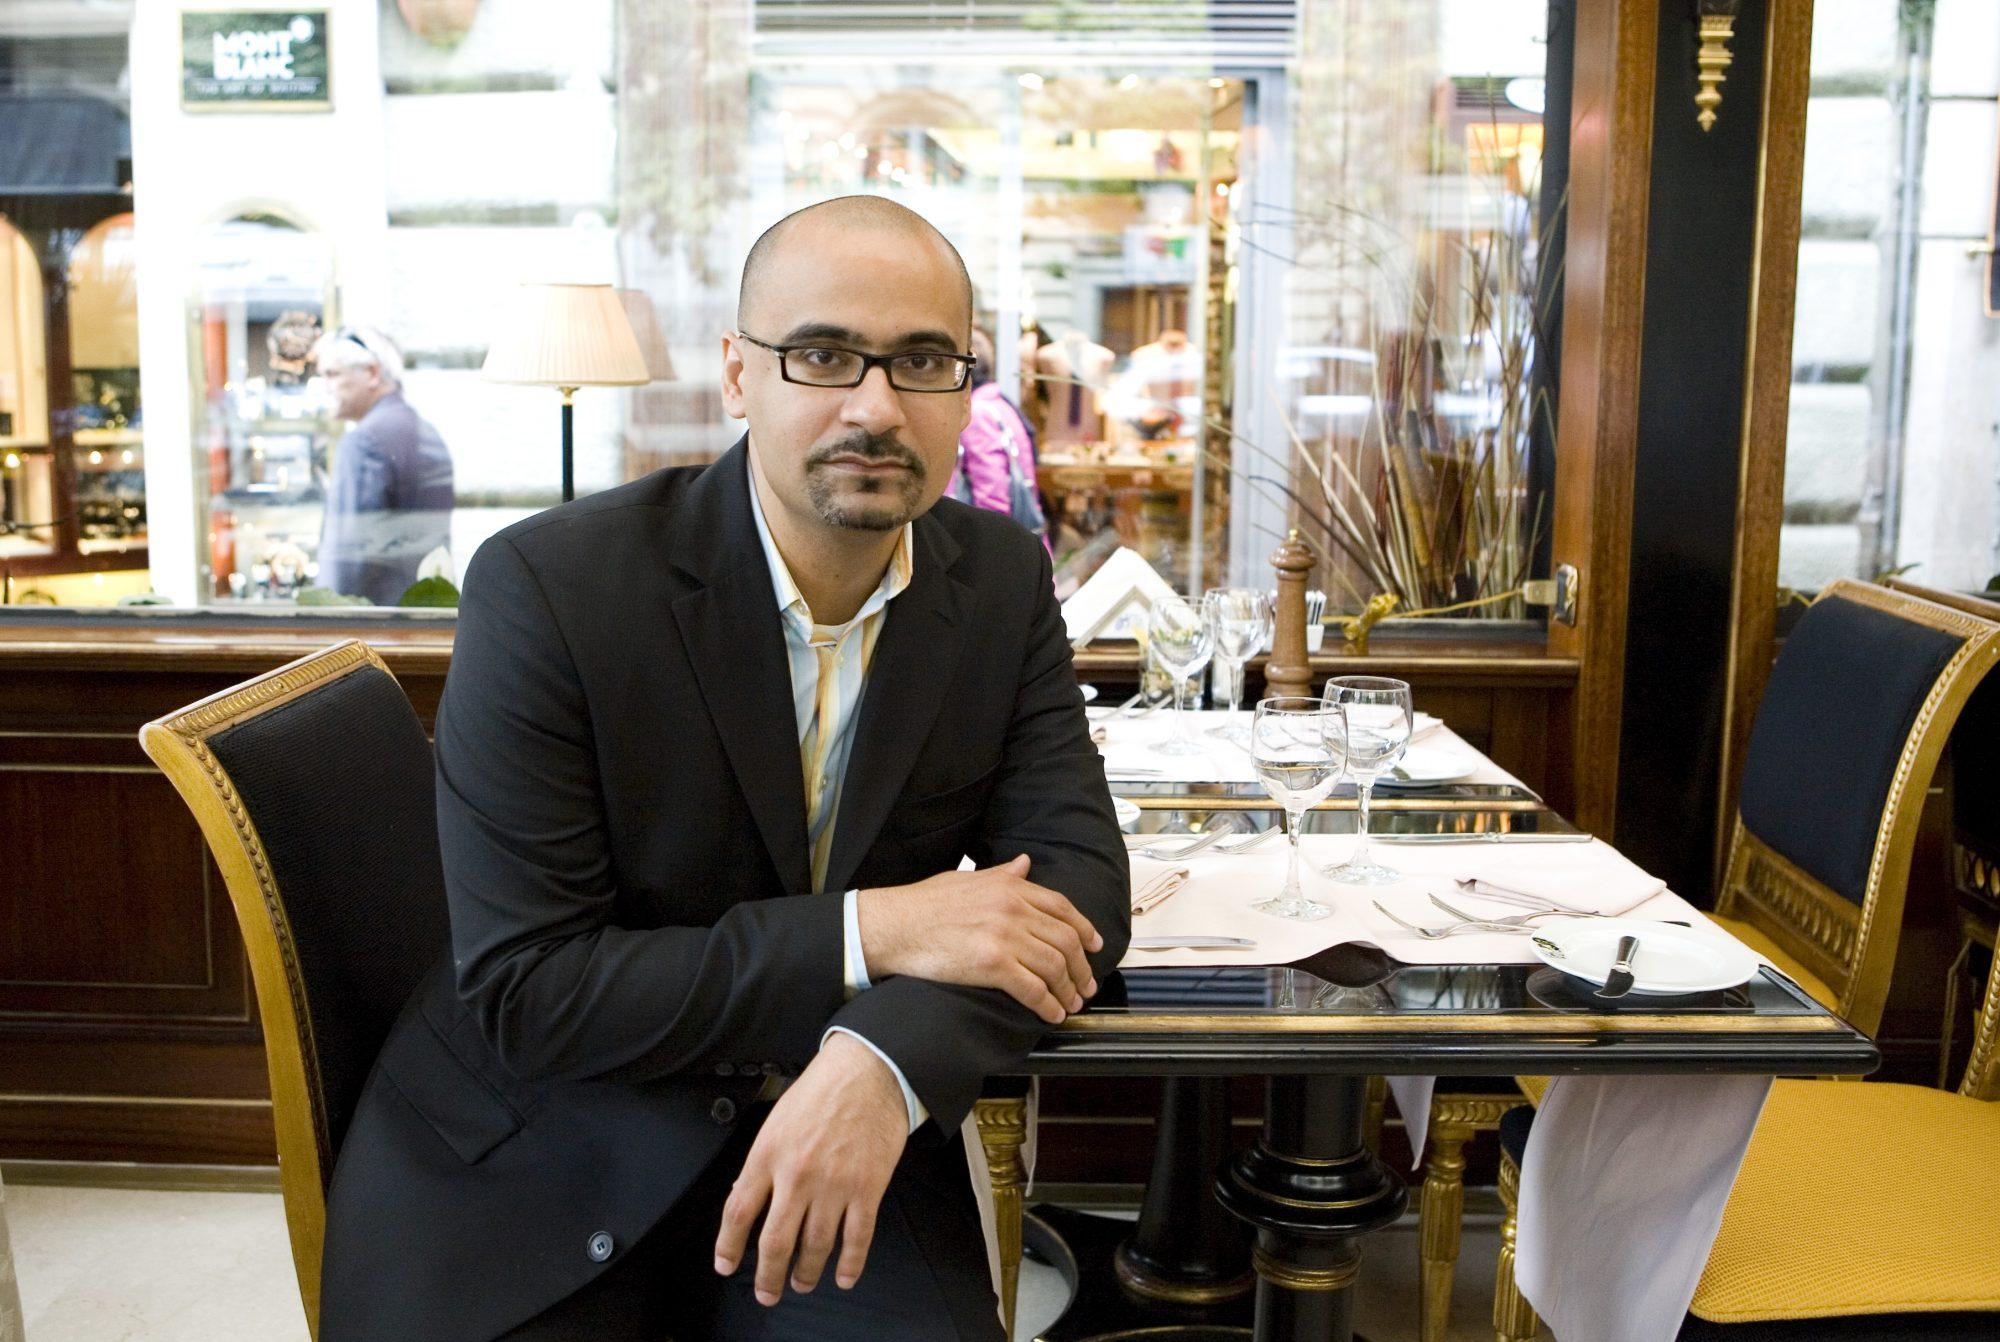 El dominicano se ha consolidado como uno de los autores latinos más reconocidos en los Estados Unidos durante las últimas décadas y su libro The Brief Wondrous Life of Oscar Wao le significó ser reconocido en el 2008 con el prestigioso Premio Pulitzer.